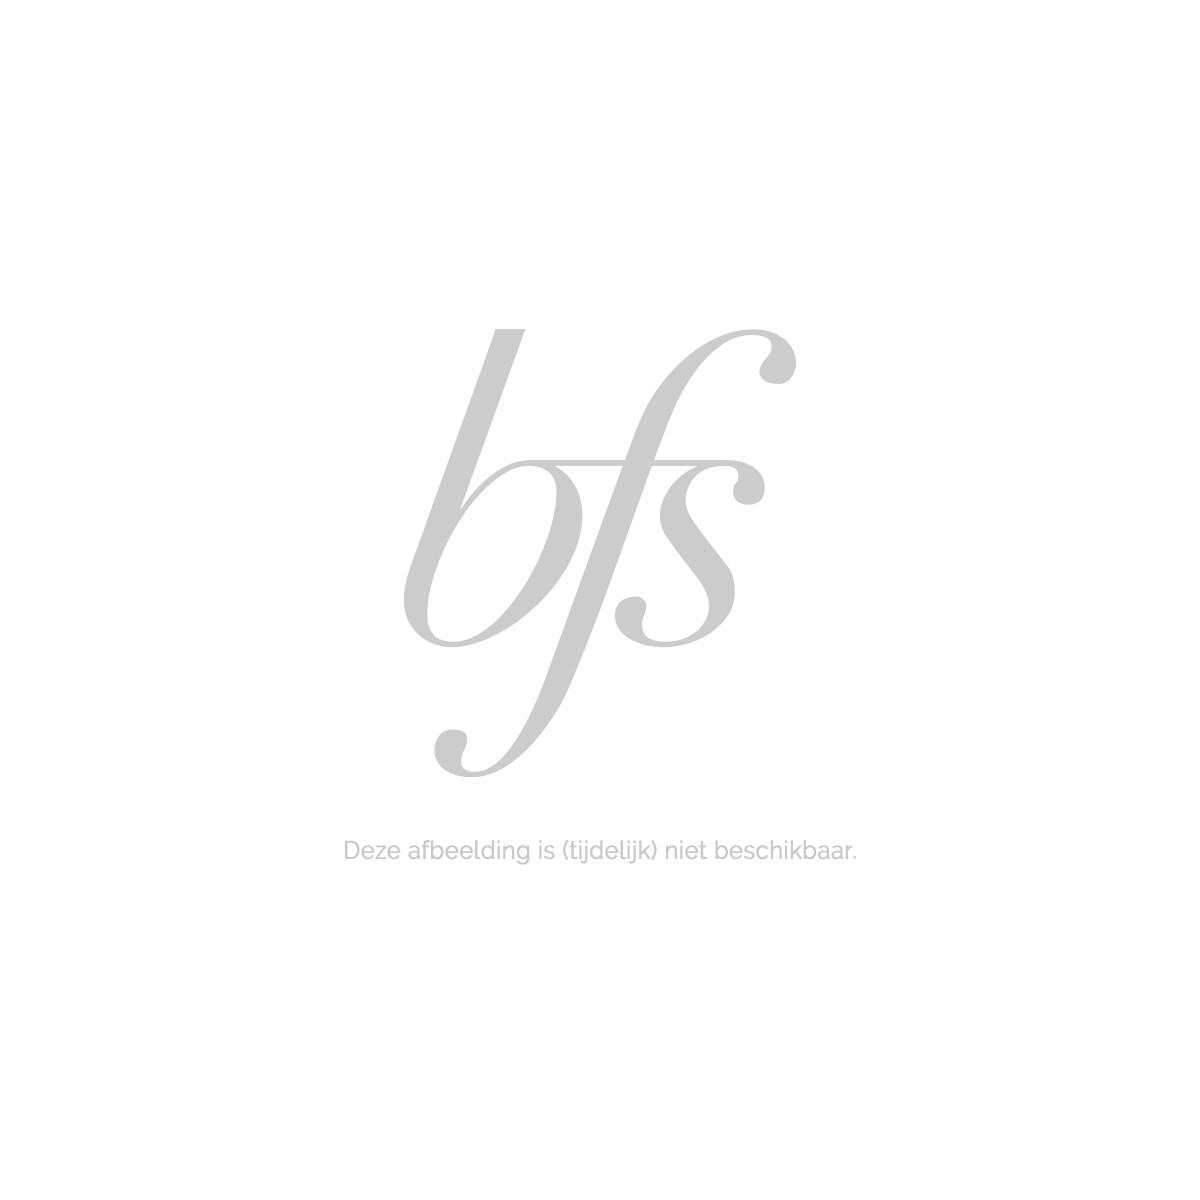 Gelish Simple Sheer 15 Ml